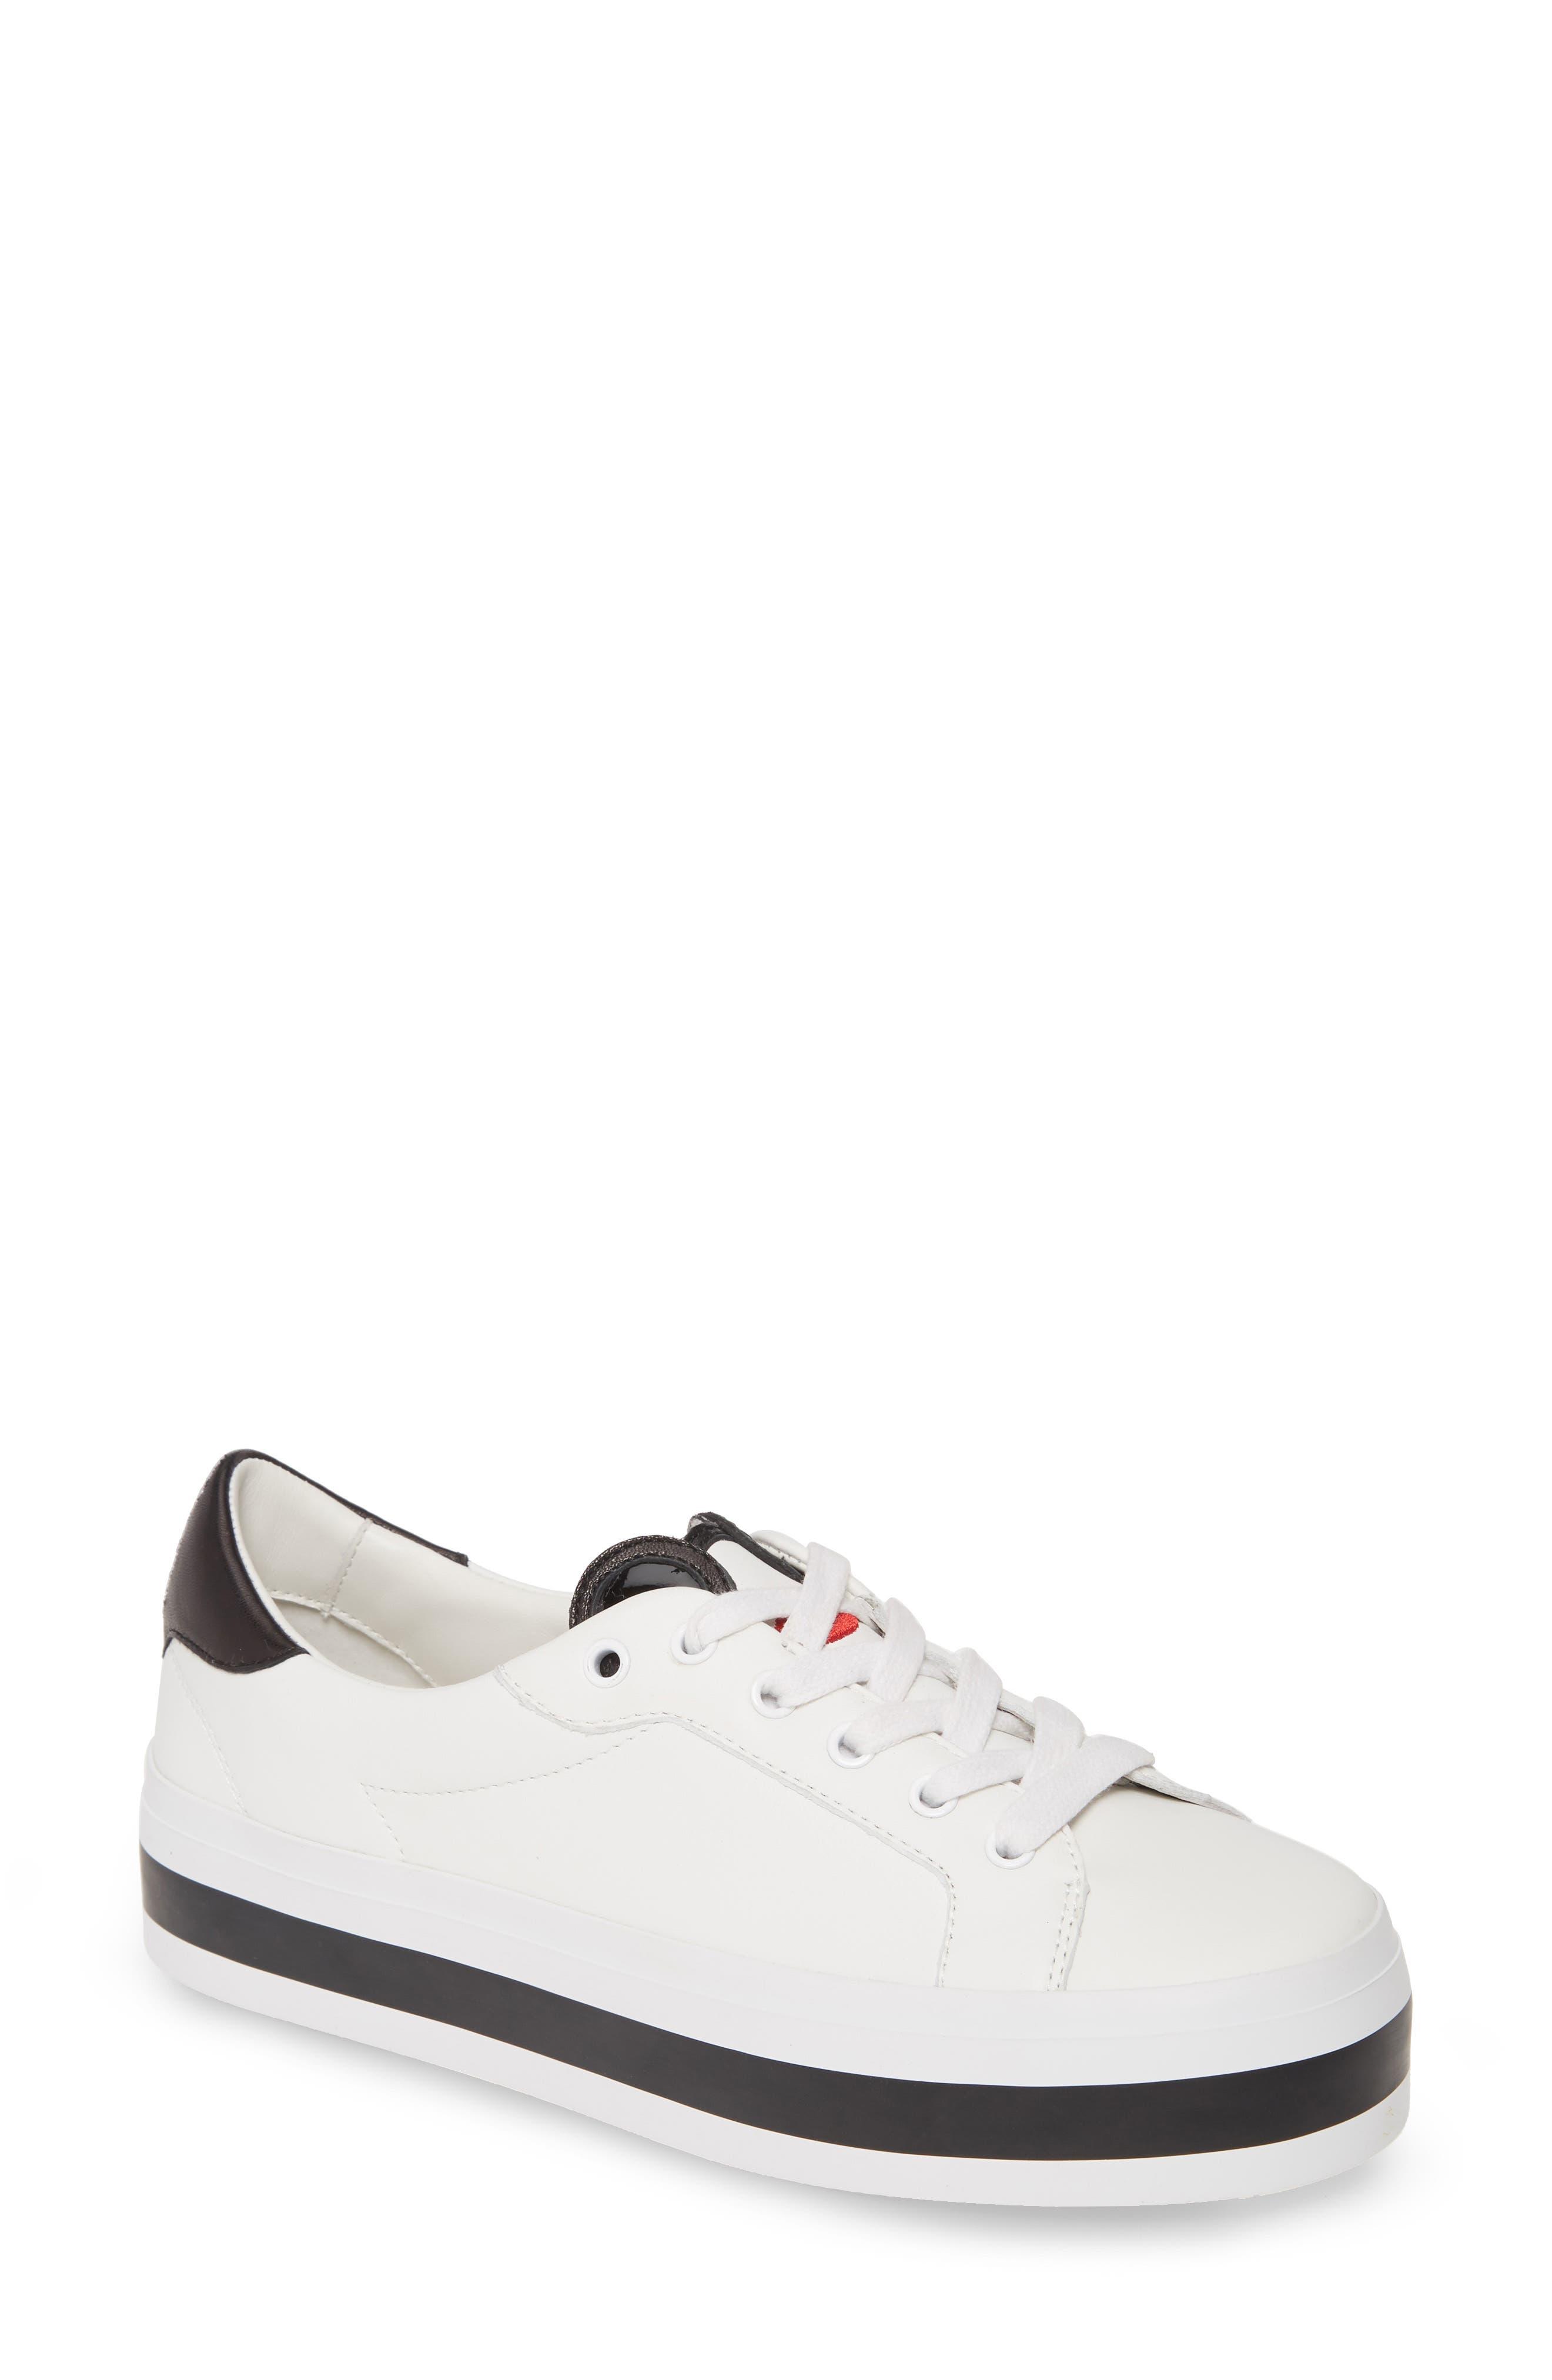 Alicia + Olivia Elisha Low Top Sneaker, White